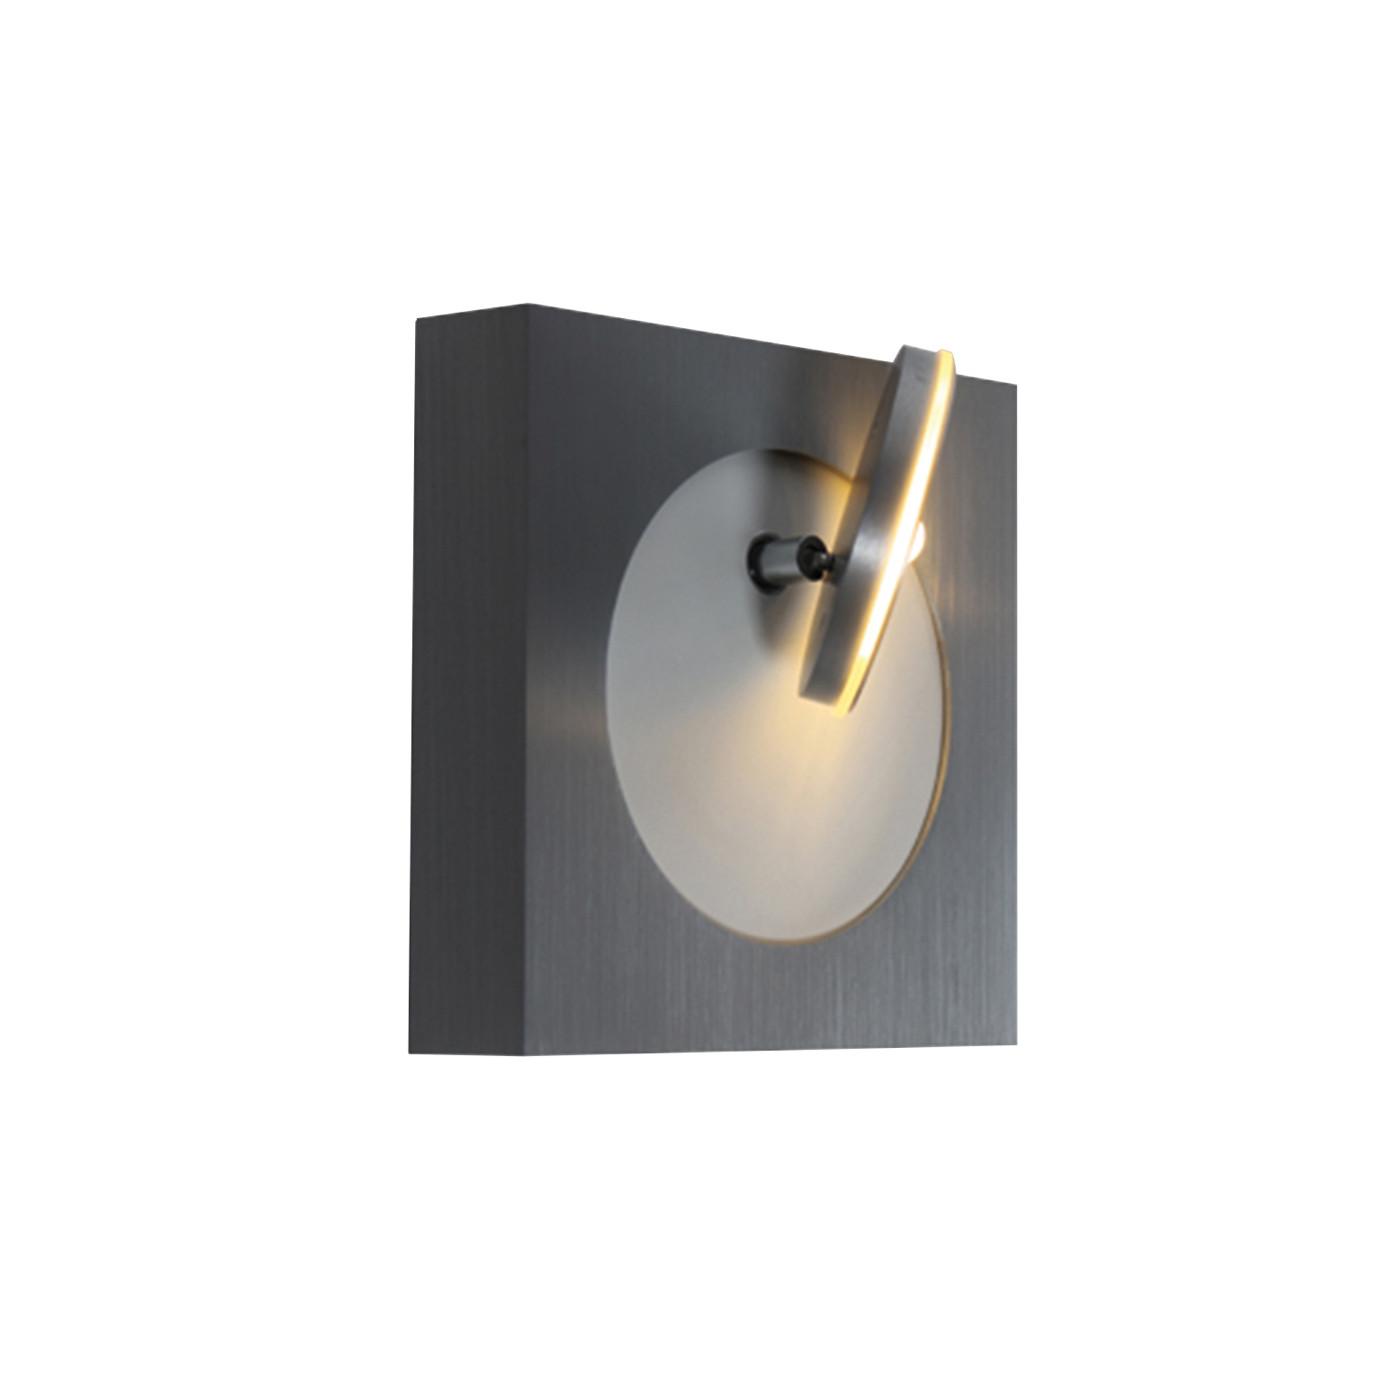 Escale Spot It 1 Applique/Plafonnier